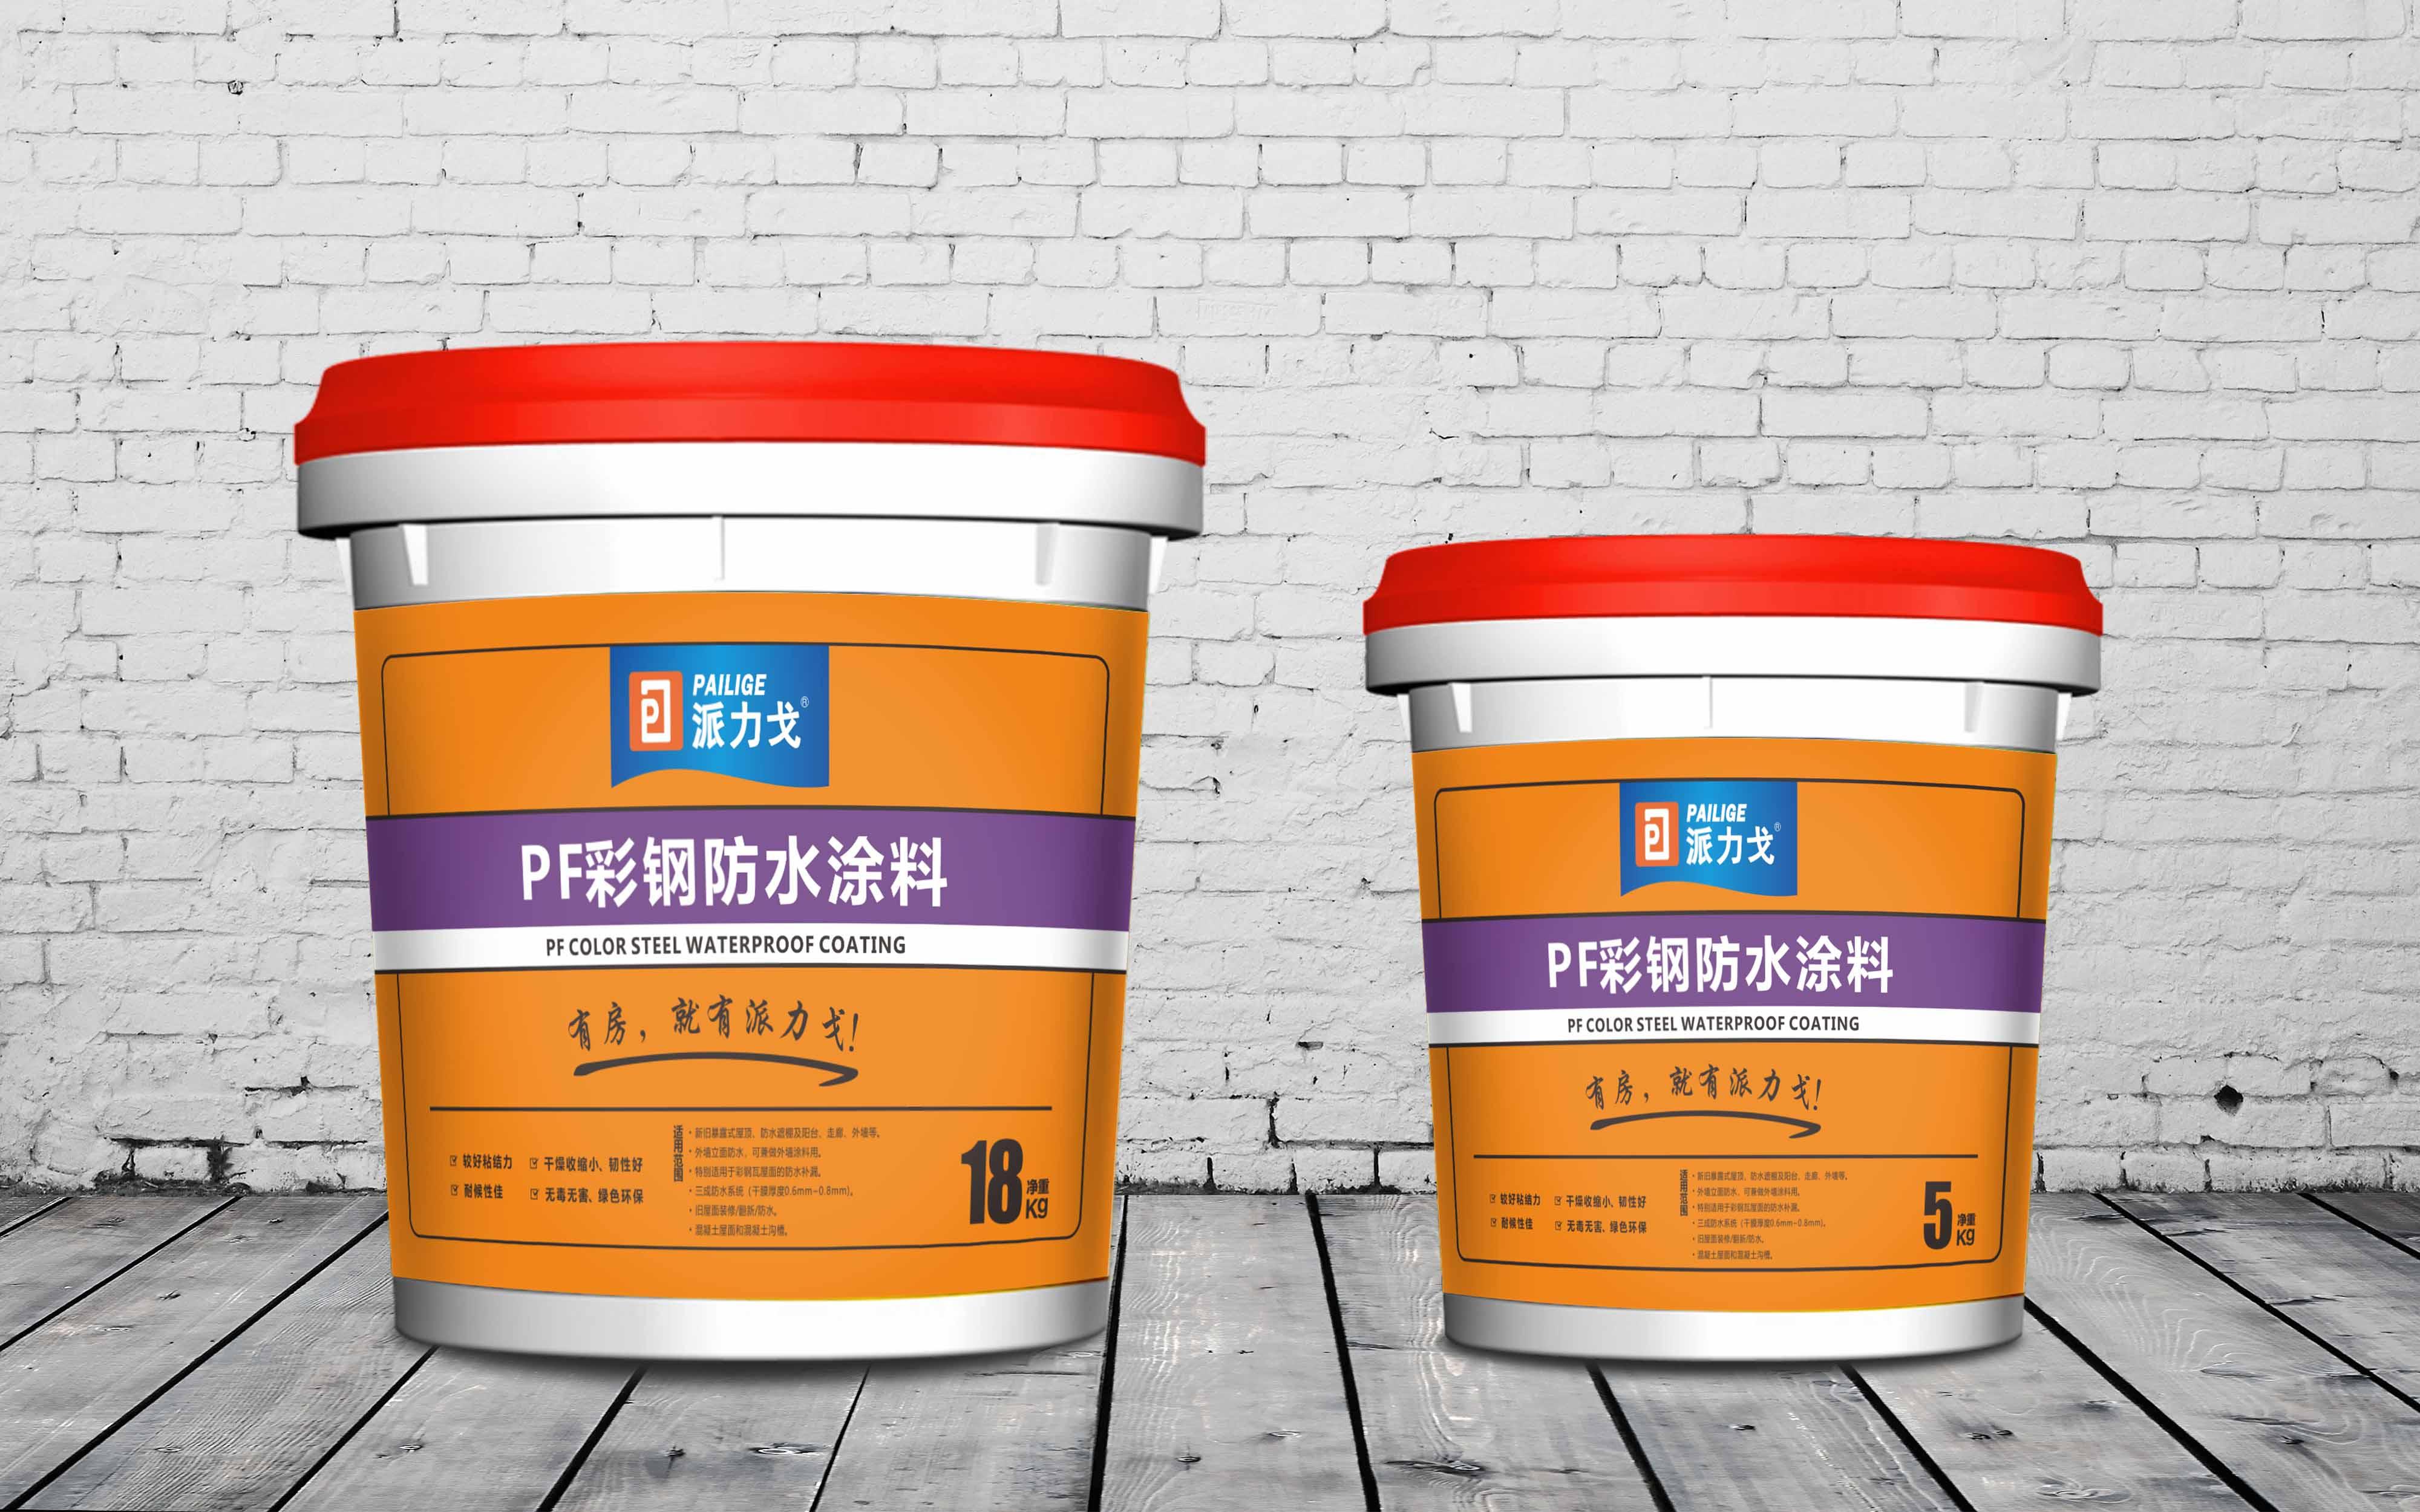 亞遊集團app下載PF彩鋼防水塗料